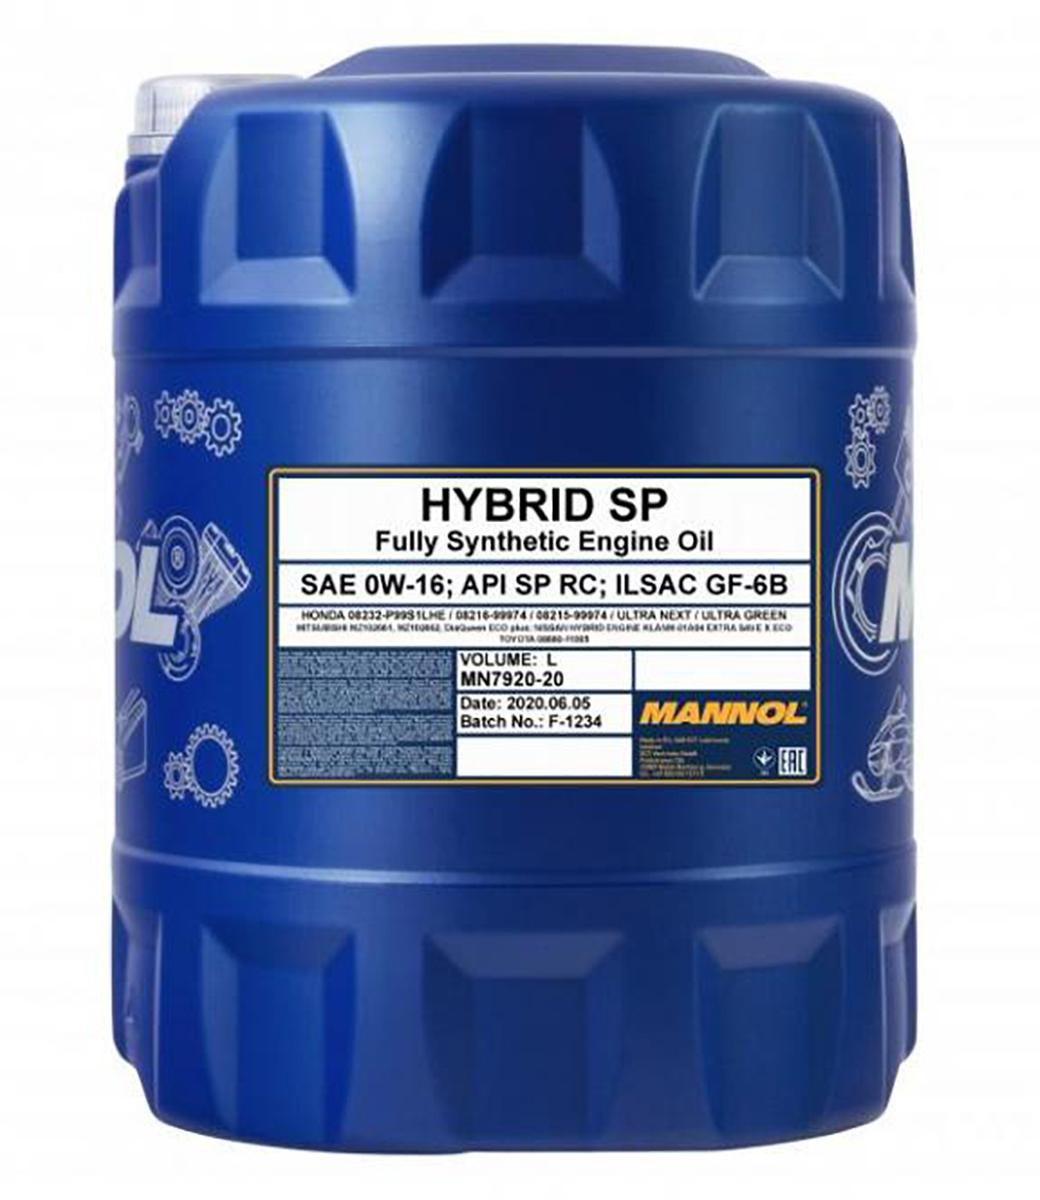 Hybrid SP 0W-16